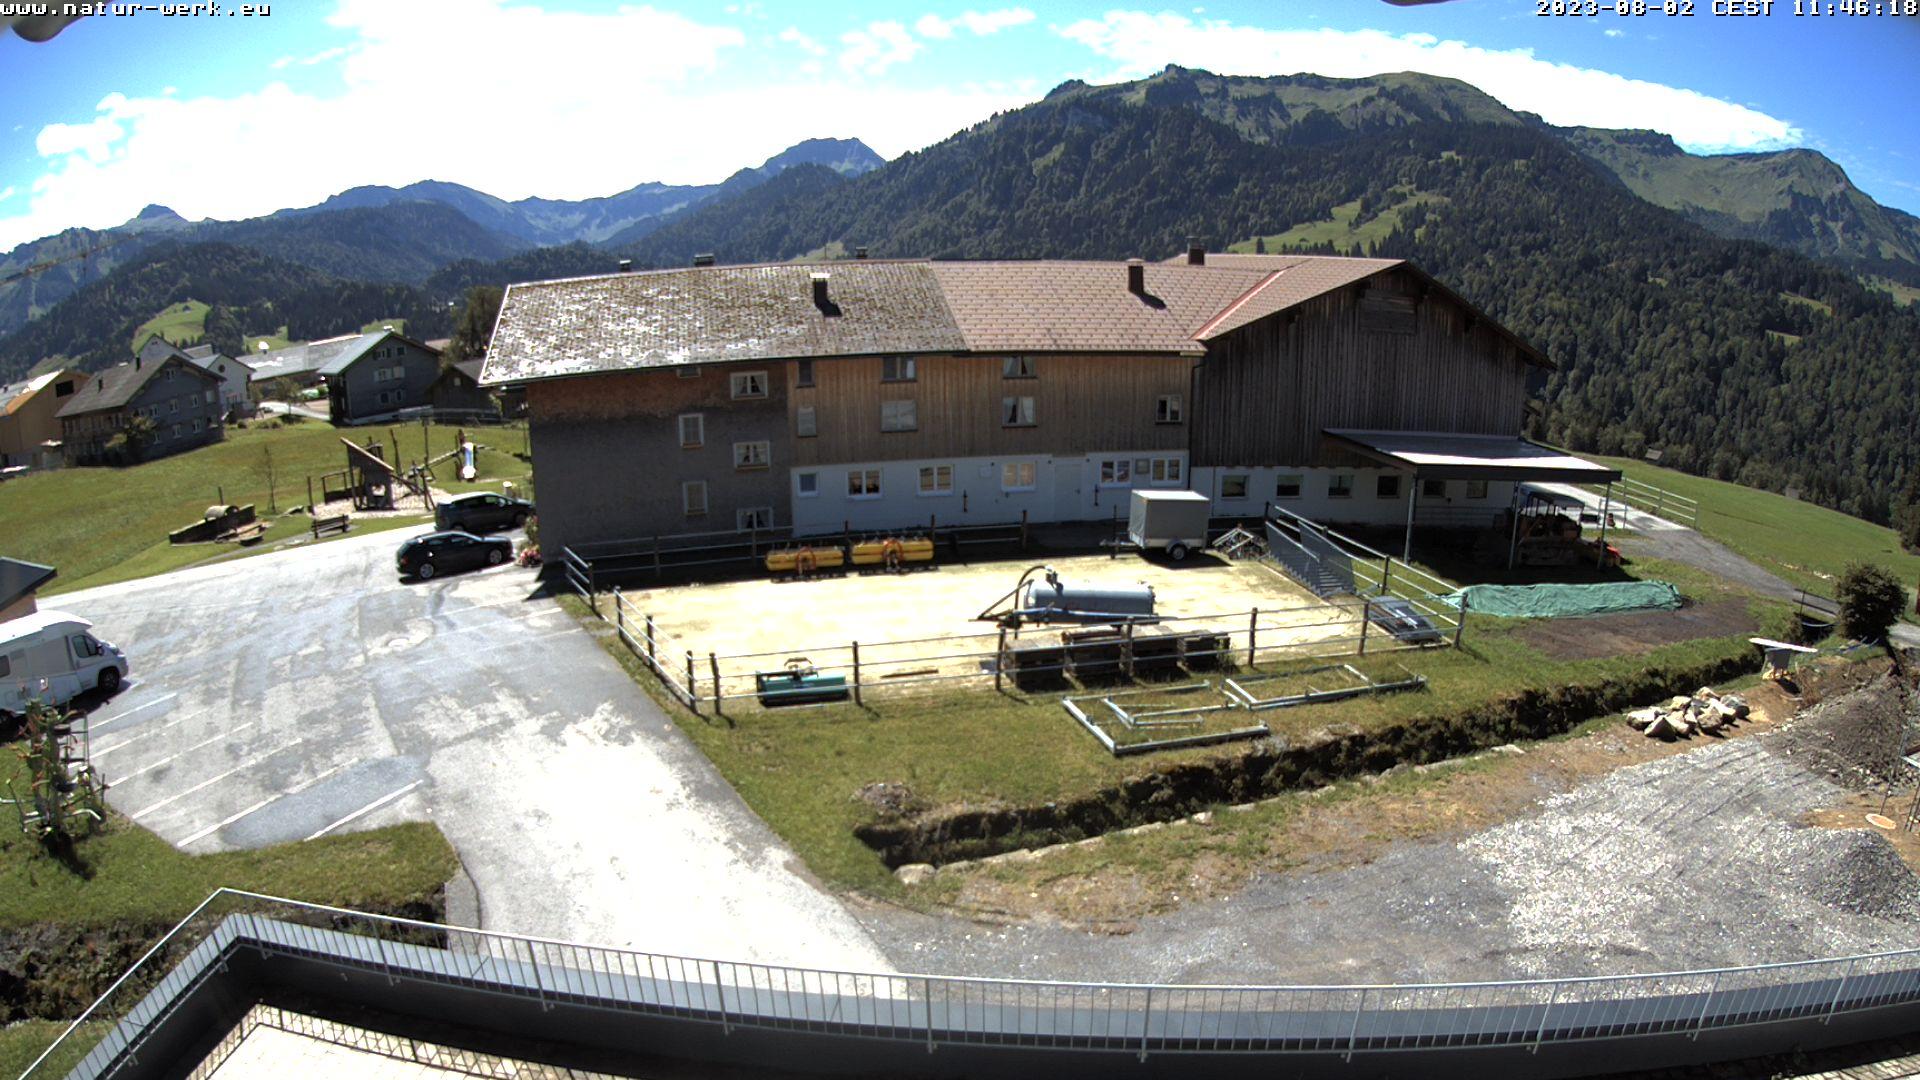 Webcam Dorner Hof Sibratsgfäll